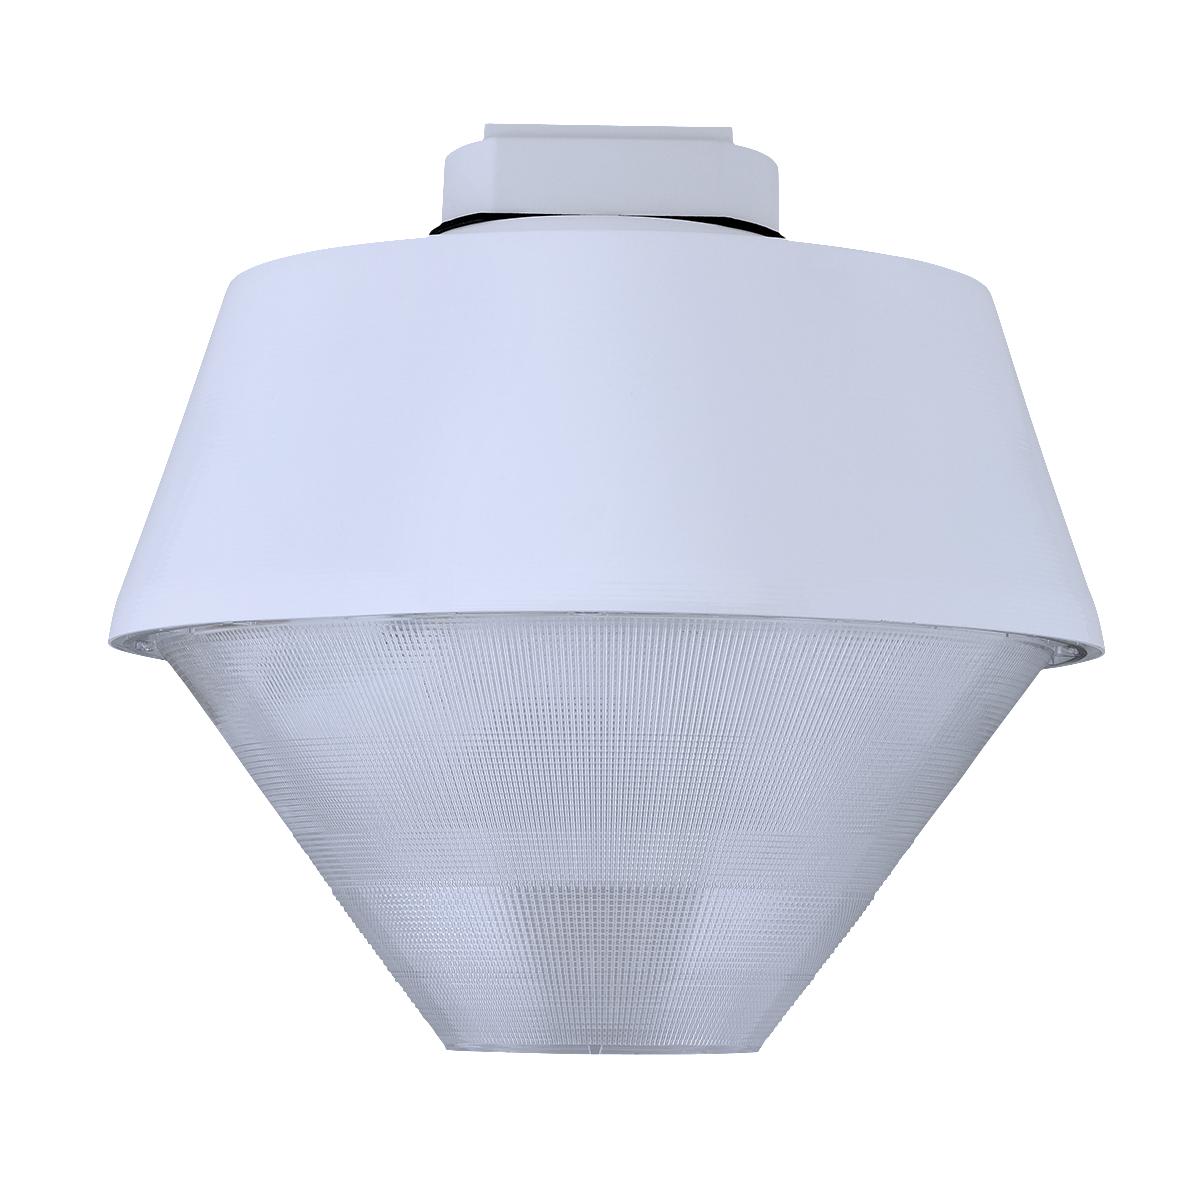 Hazardous Lightwatt LED